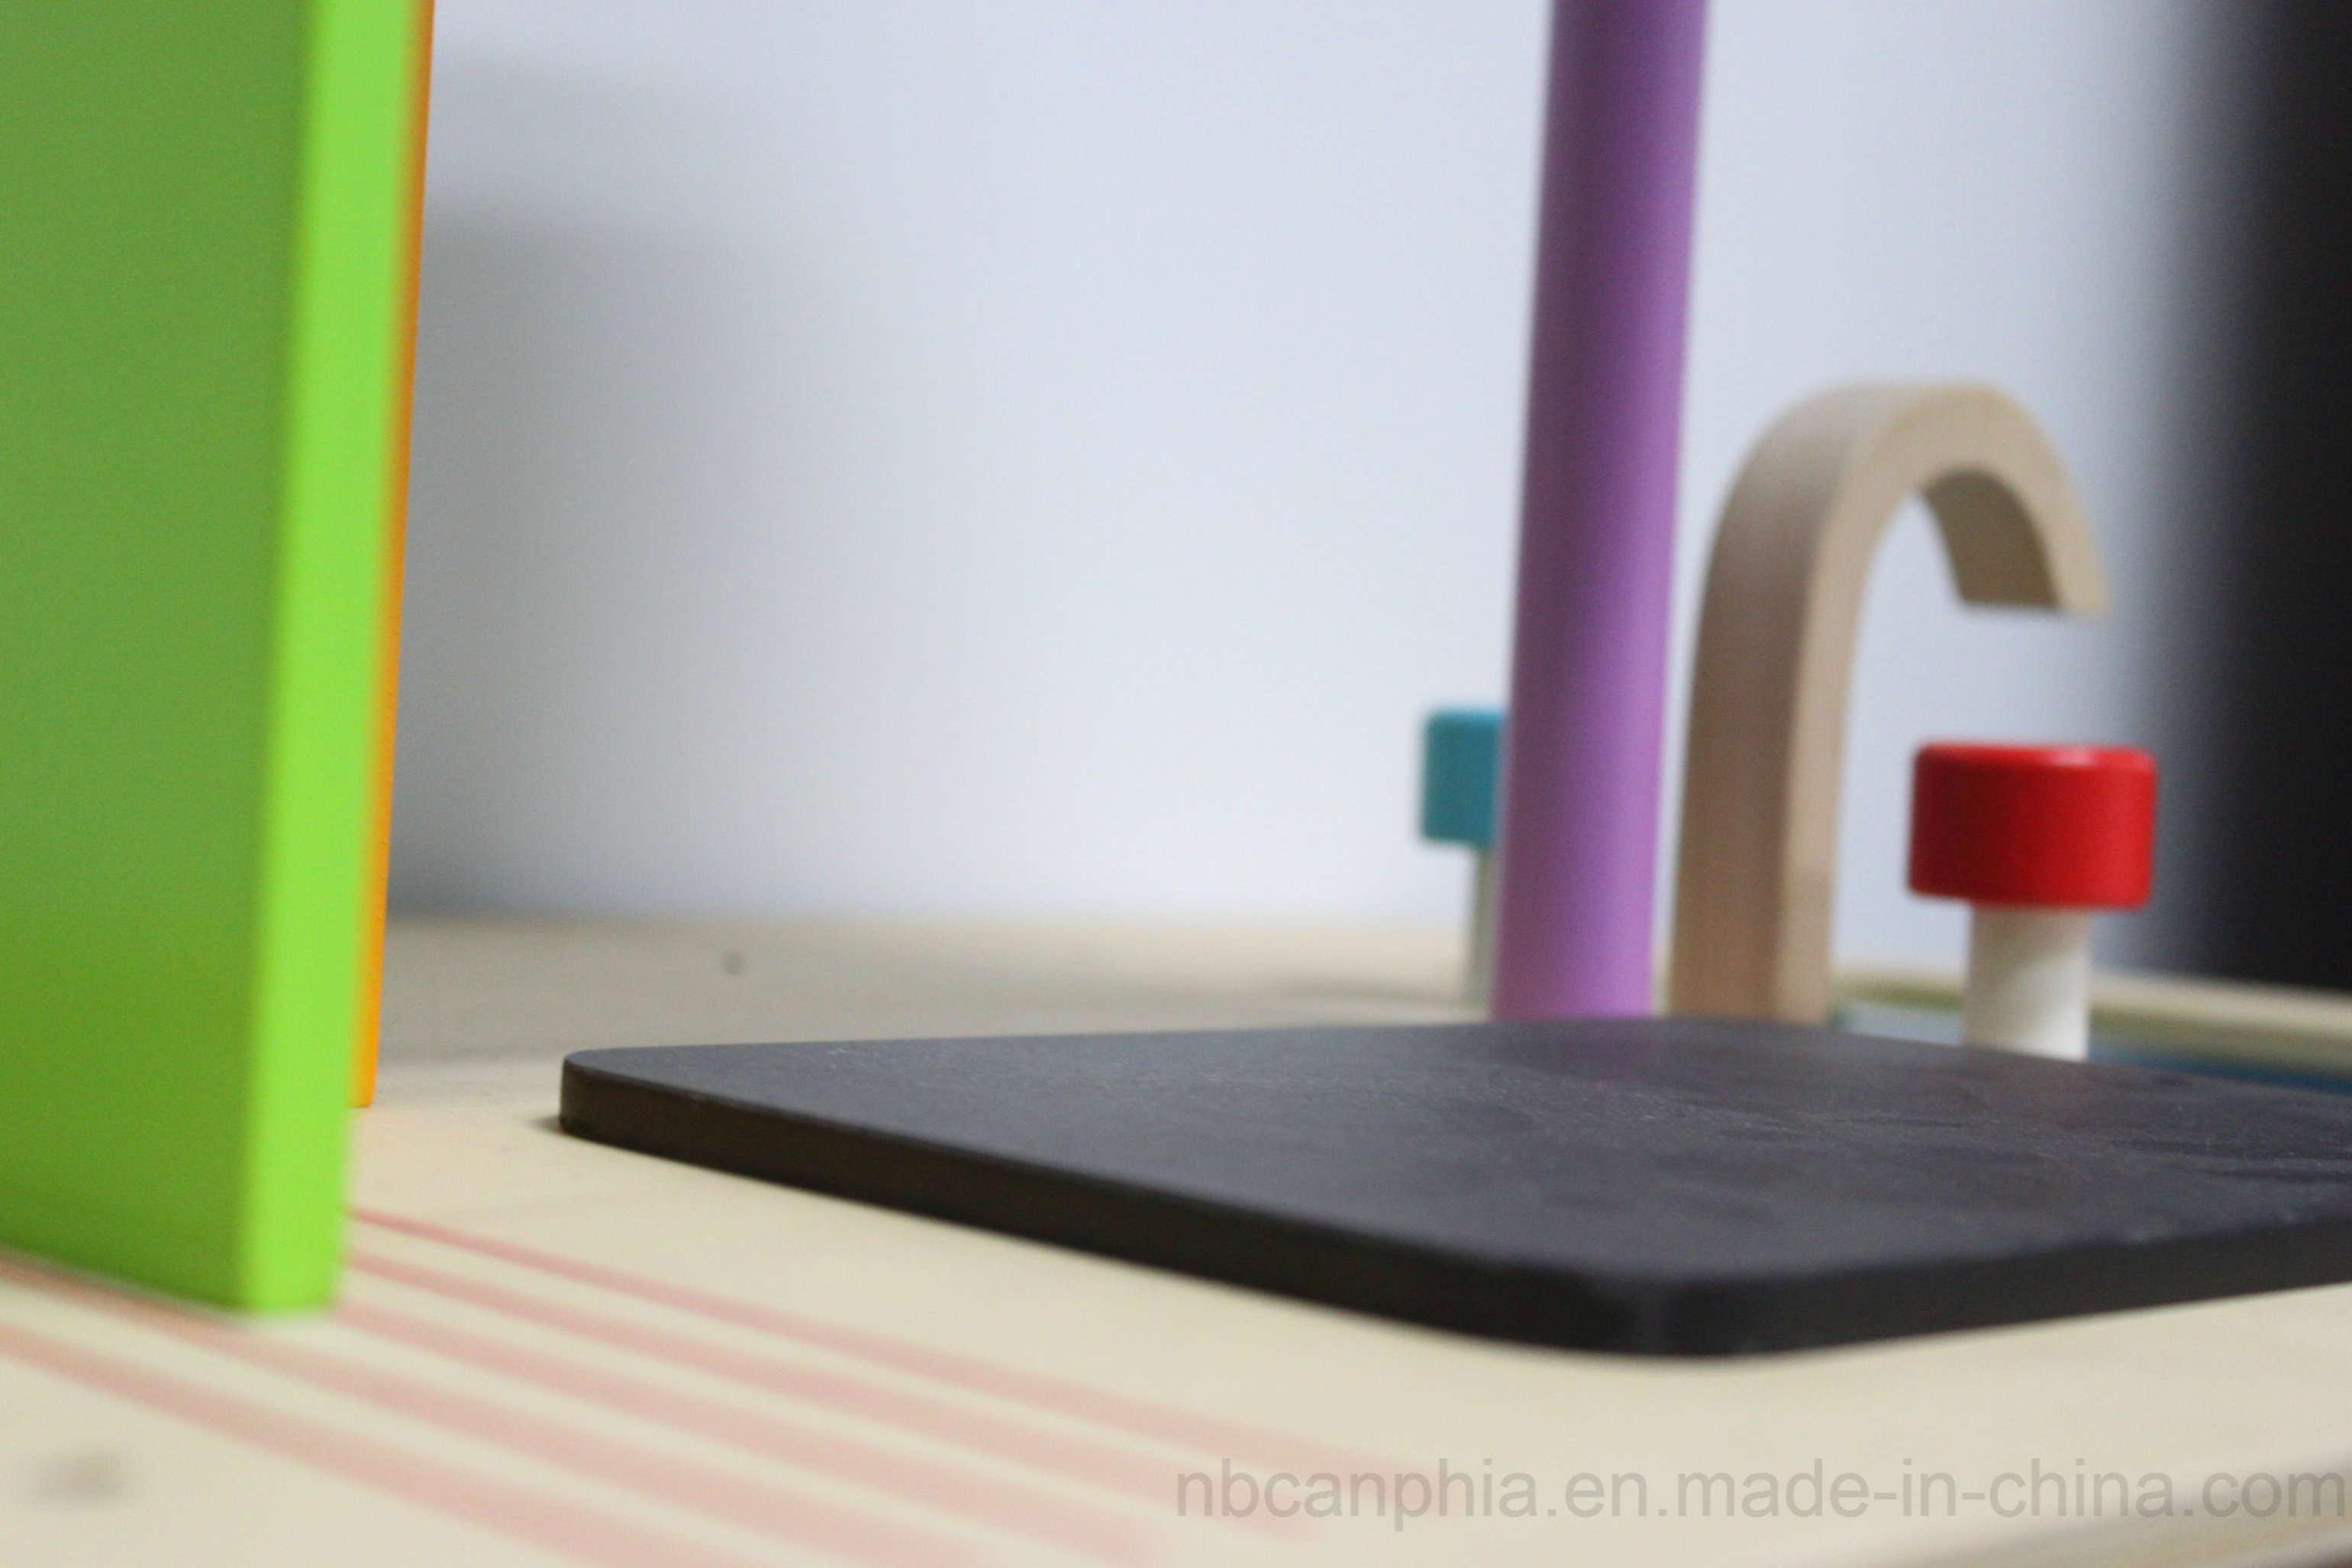 Wooden Kitchen Set Pretend Playset, DIY Wooden Toy for Kids